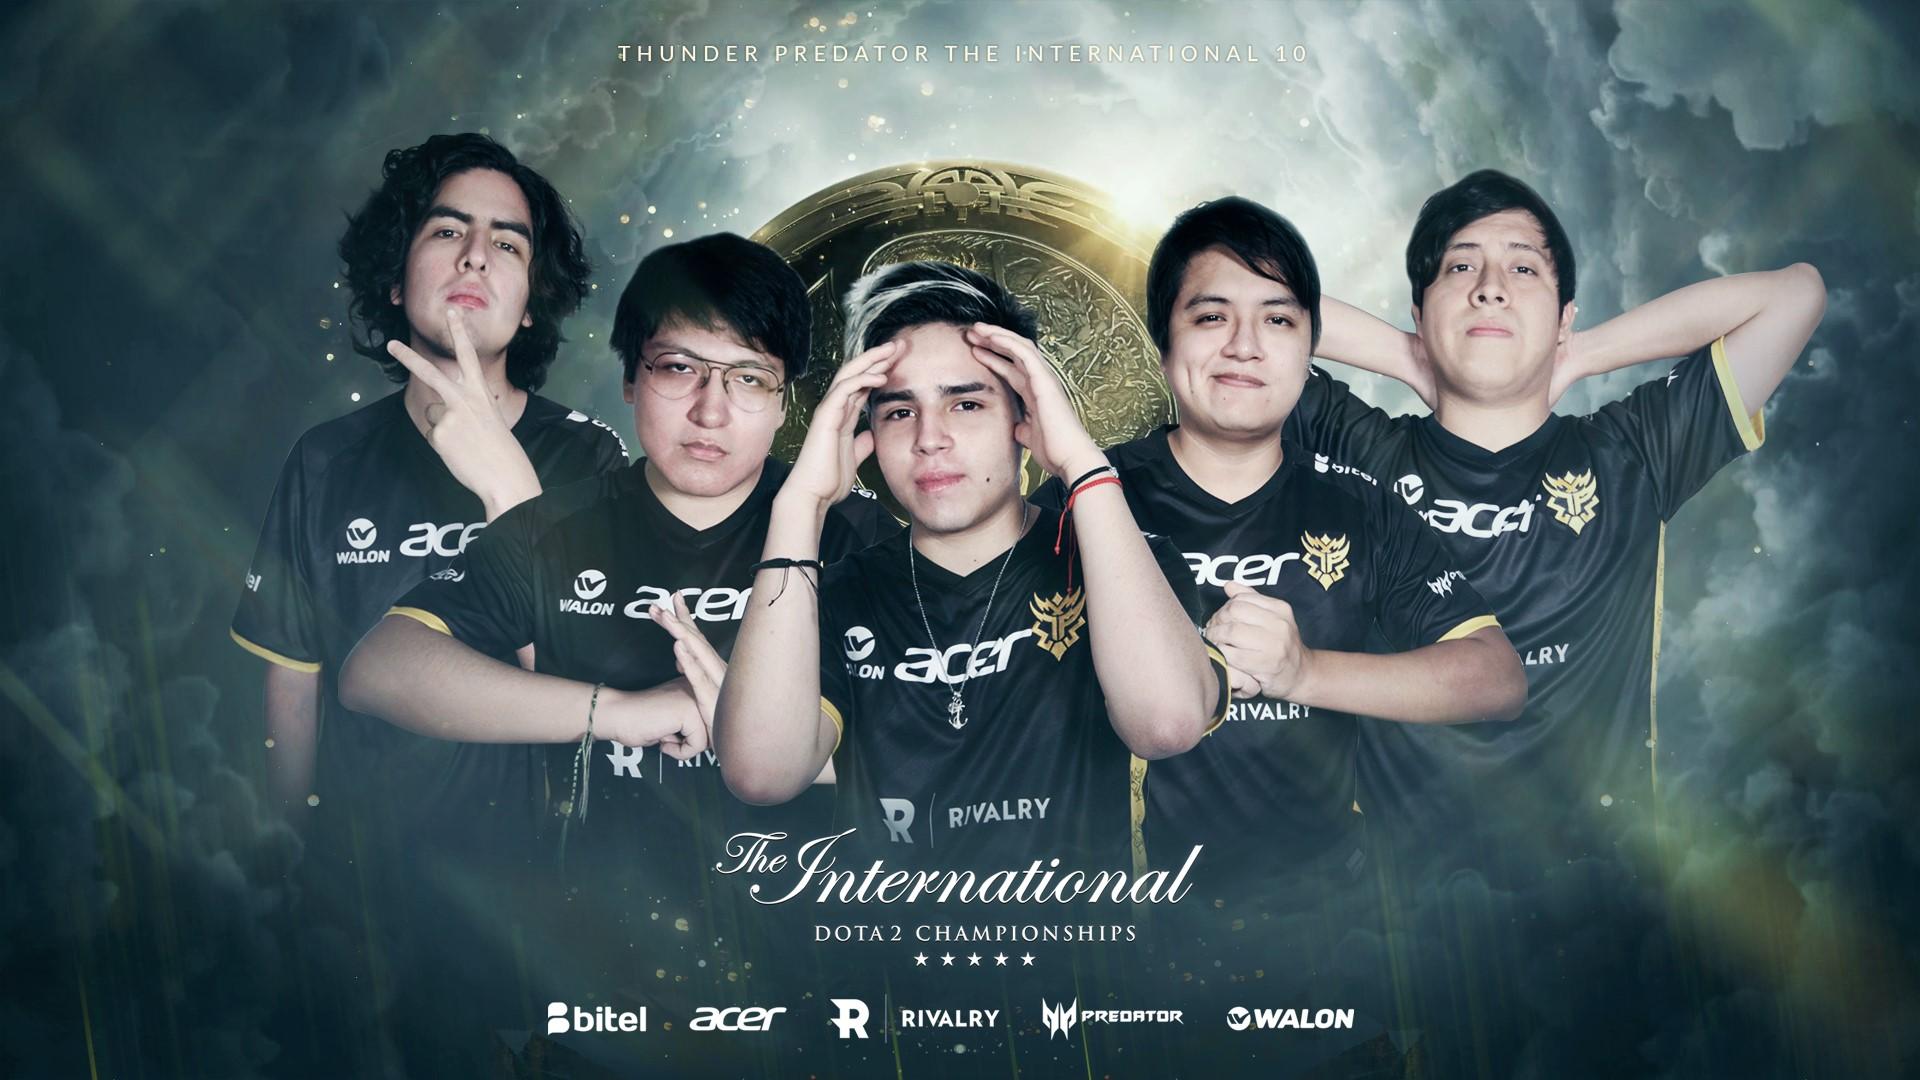 Foto de Dota 2: El equipo peruano Thunder Predator logra su clasificación a The International 10